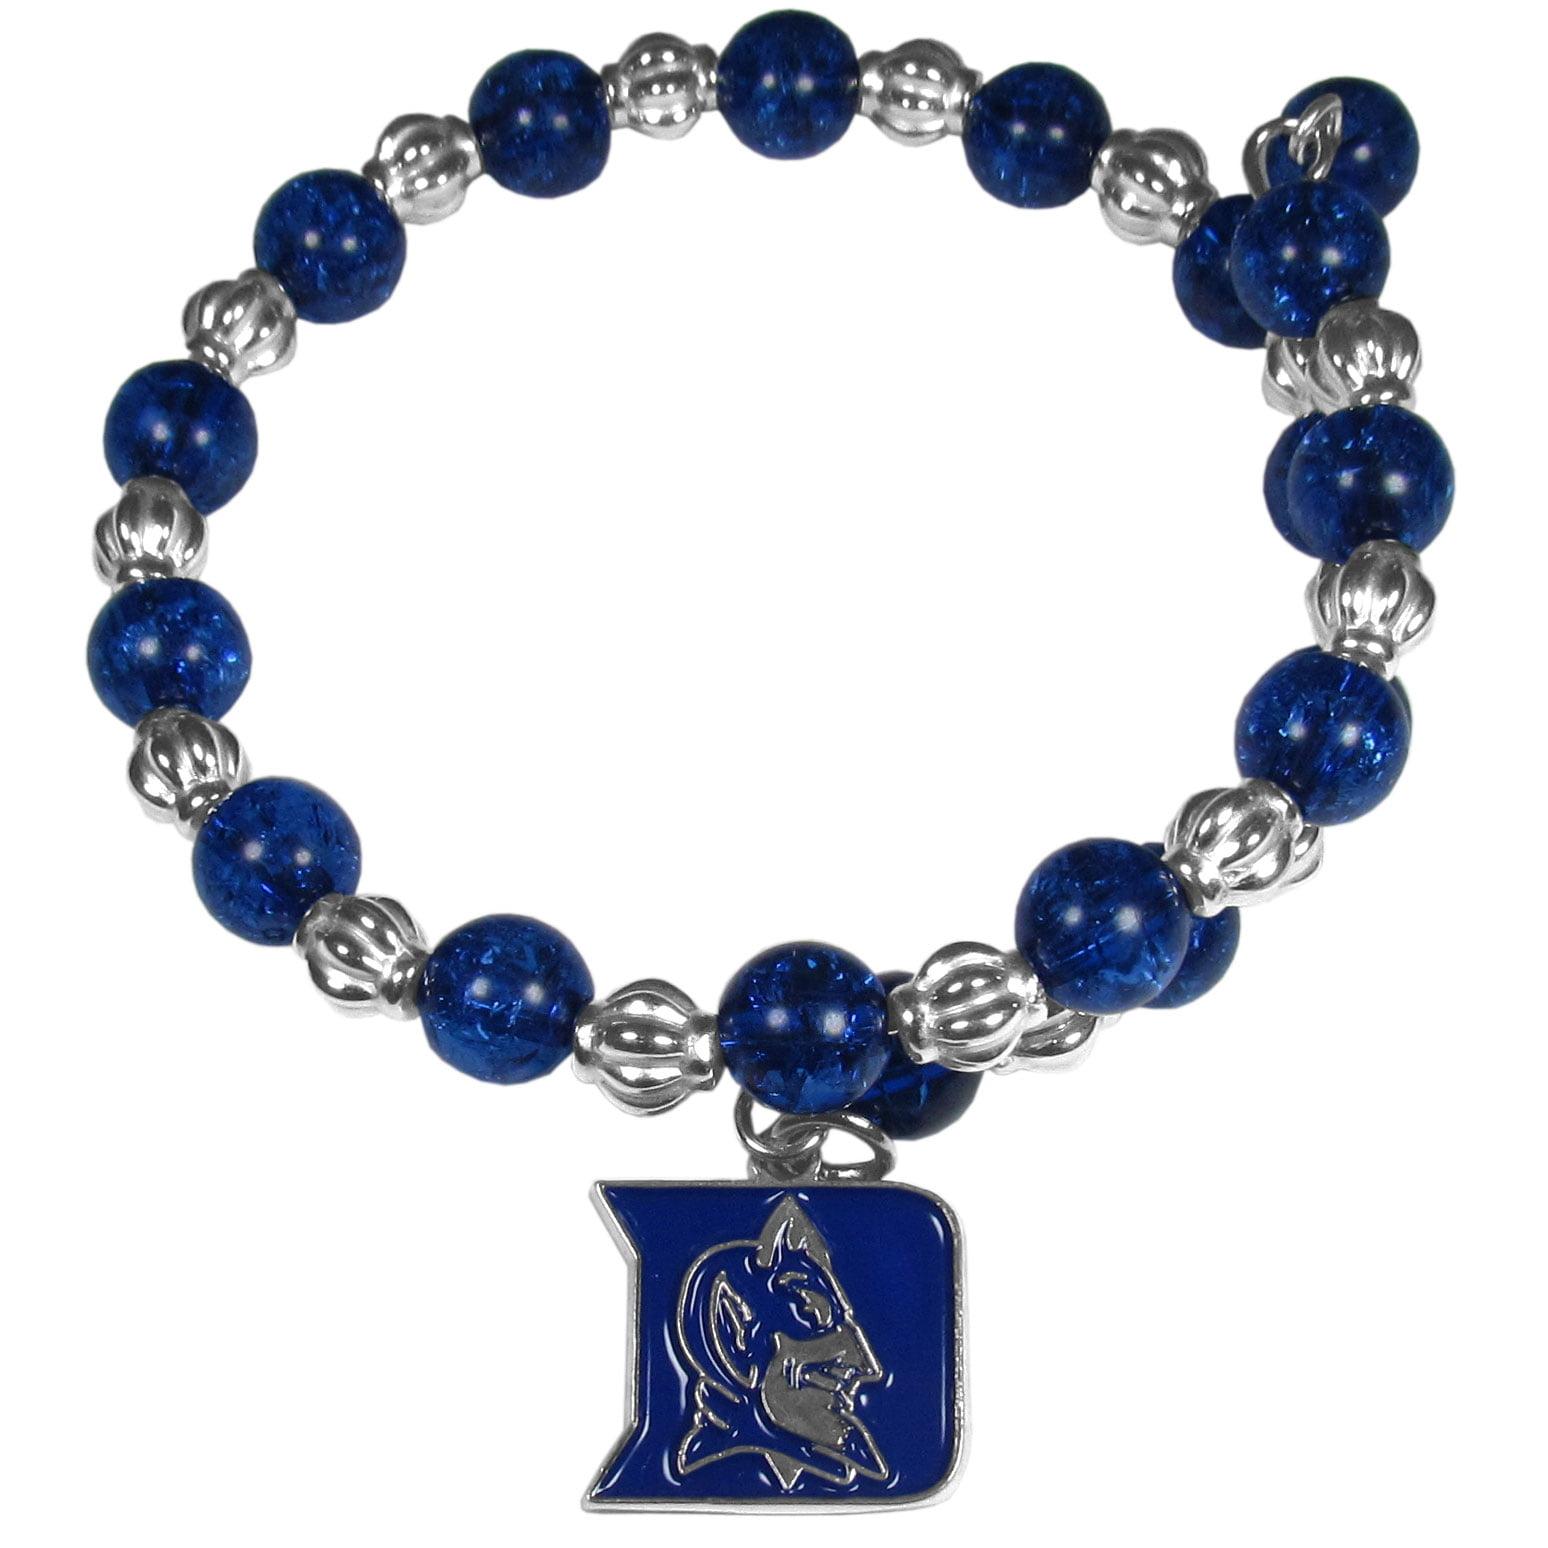 NCAA Duke Blue Devils Snowflake Bracelet